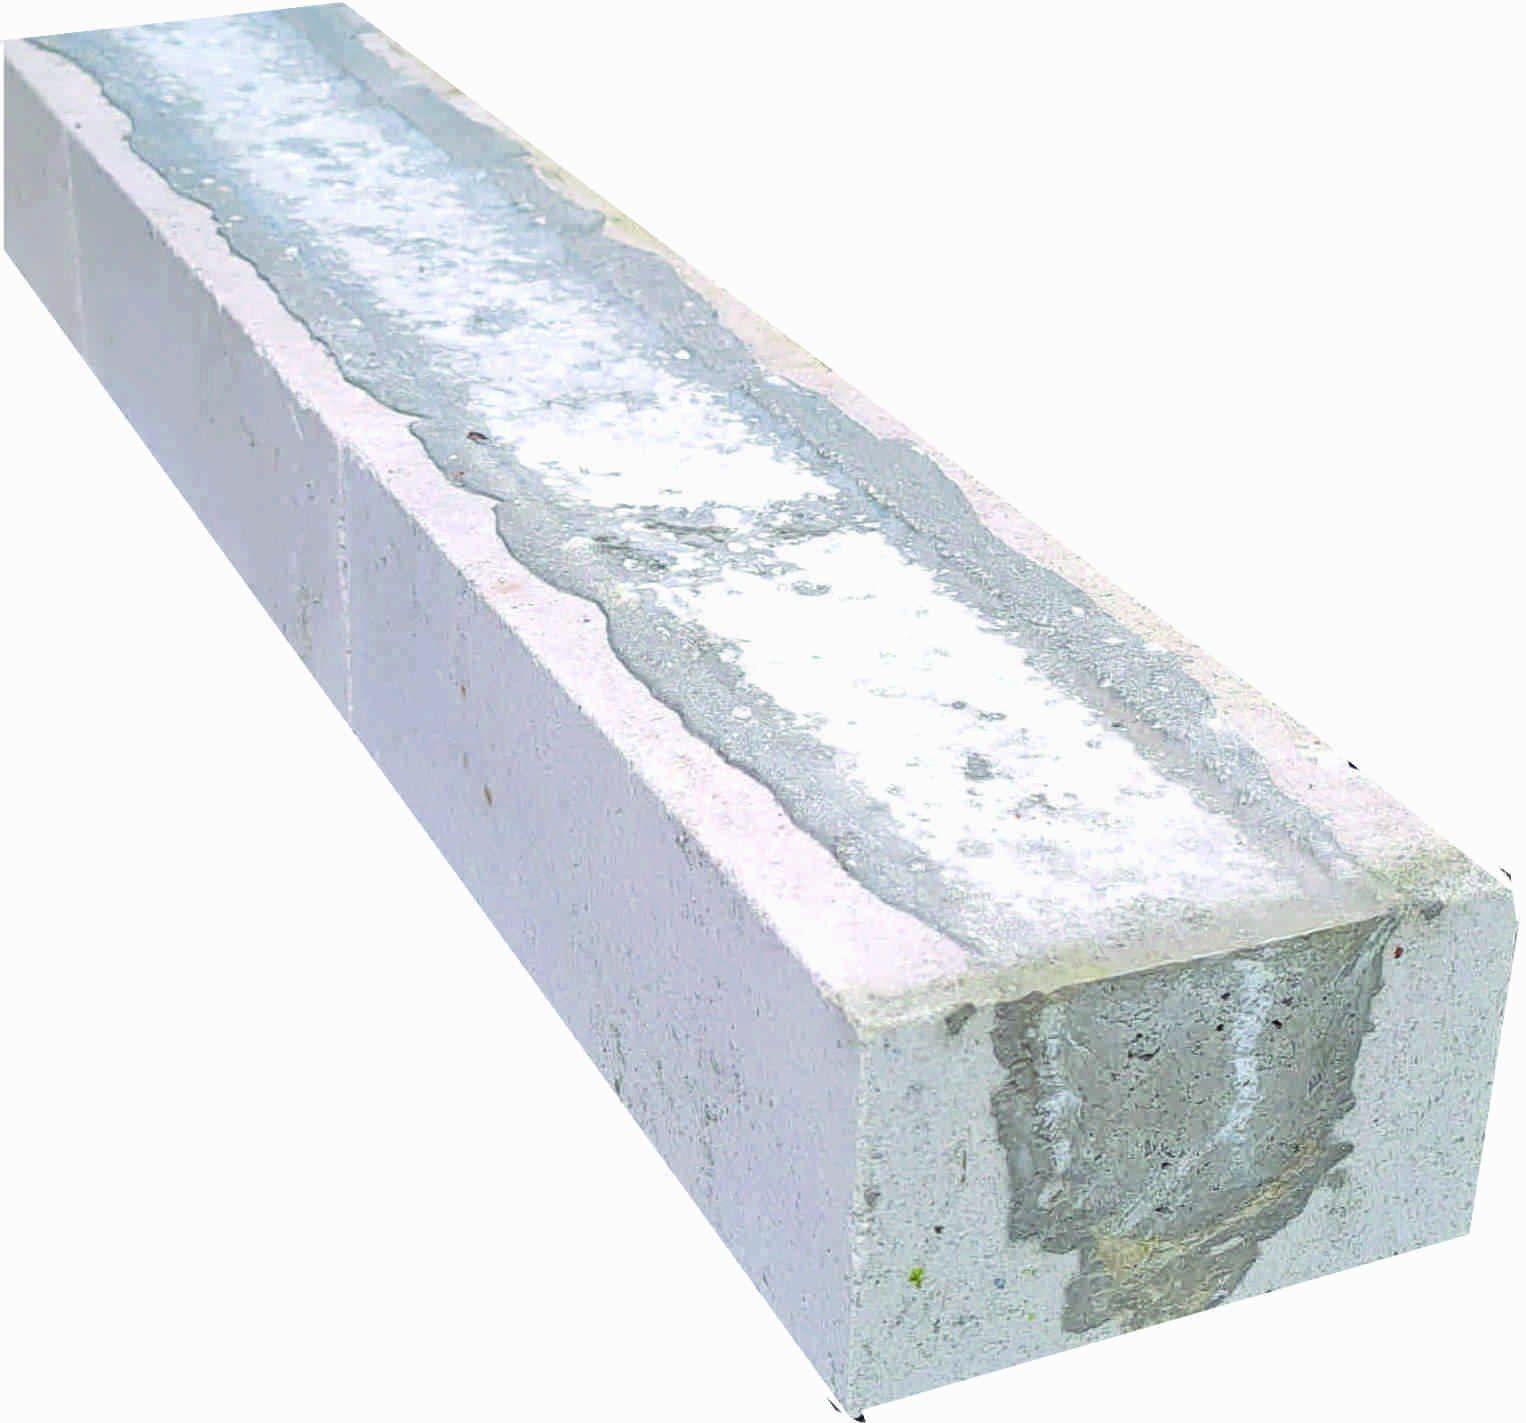 Kalksandsteinstürze NF 7,1 x 11,5 cm 1,75 m